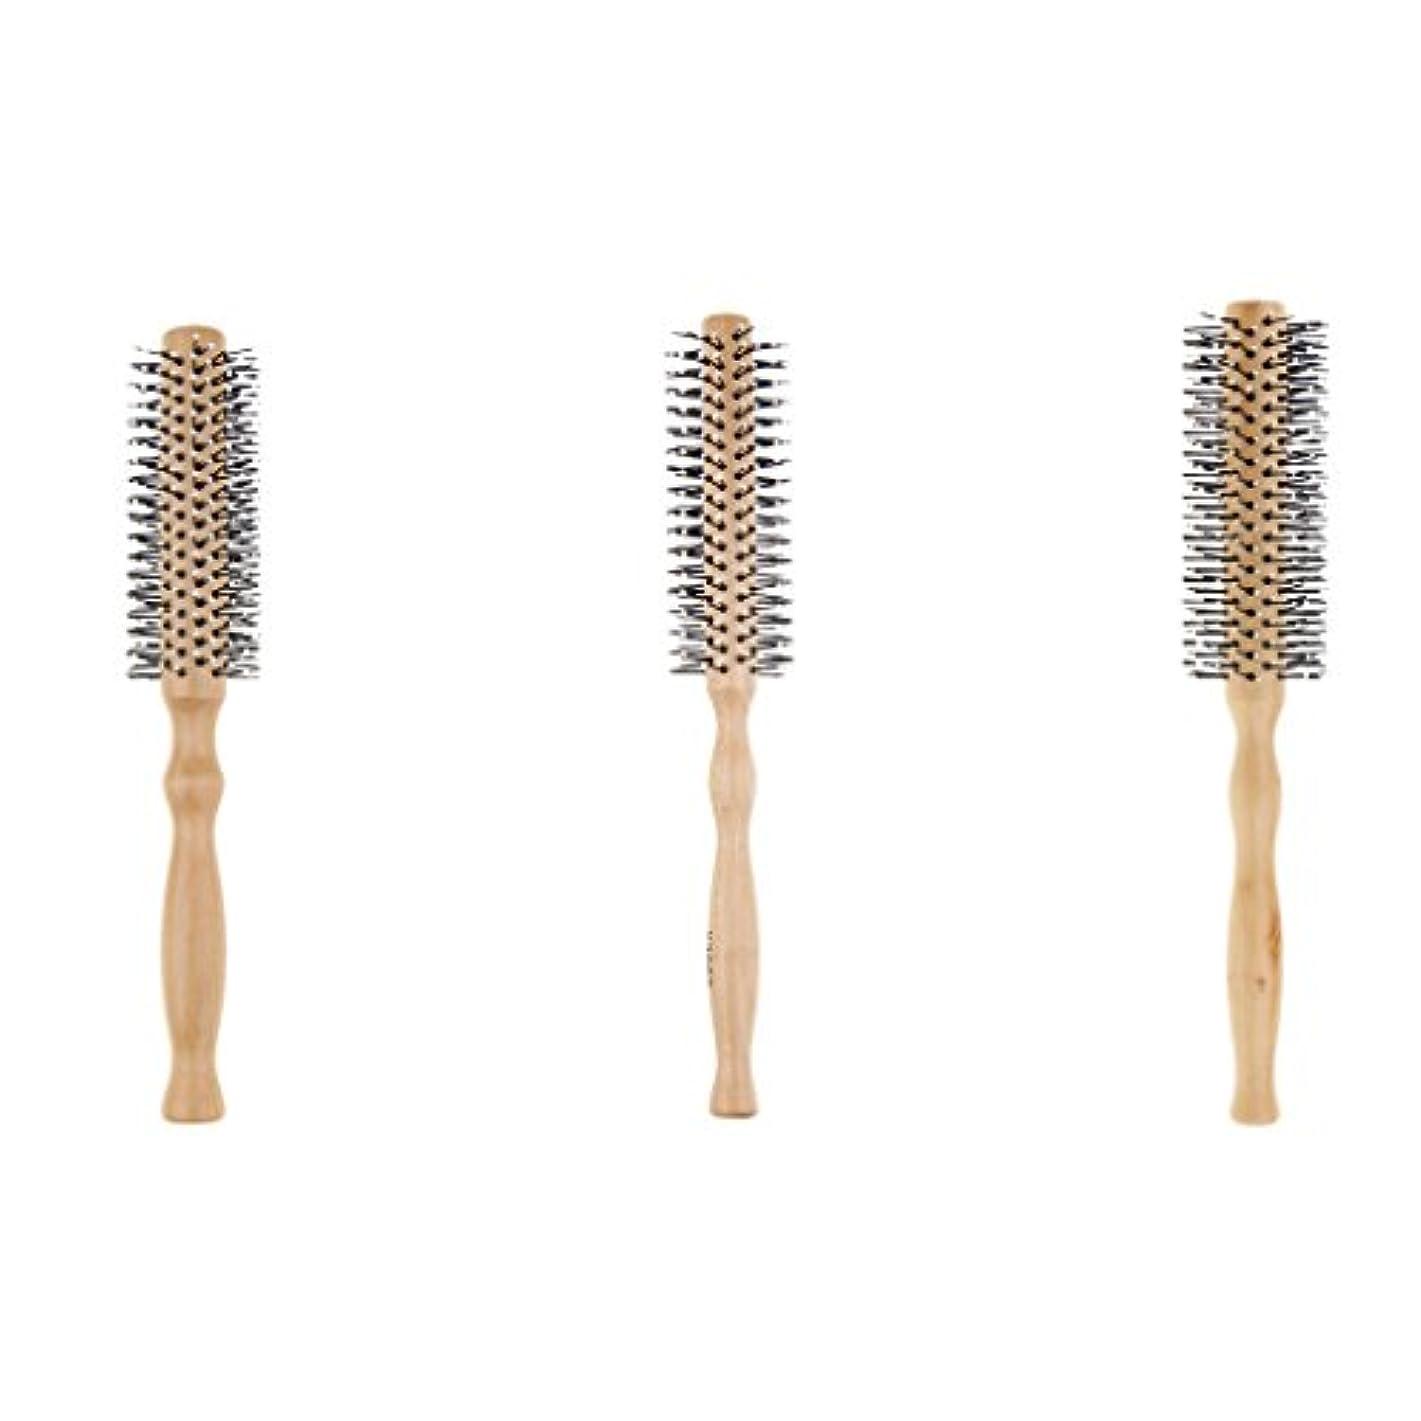 合体戻る注釈を付けるP Prettyia 3本 ヘアブラシ ロールブラシ ヘアスタイリング 巻き髪 木製 波状 カール